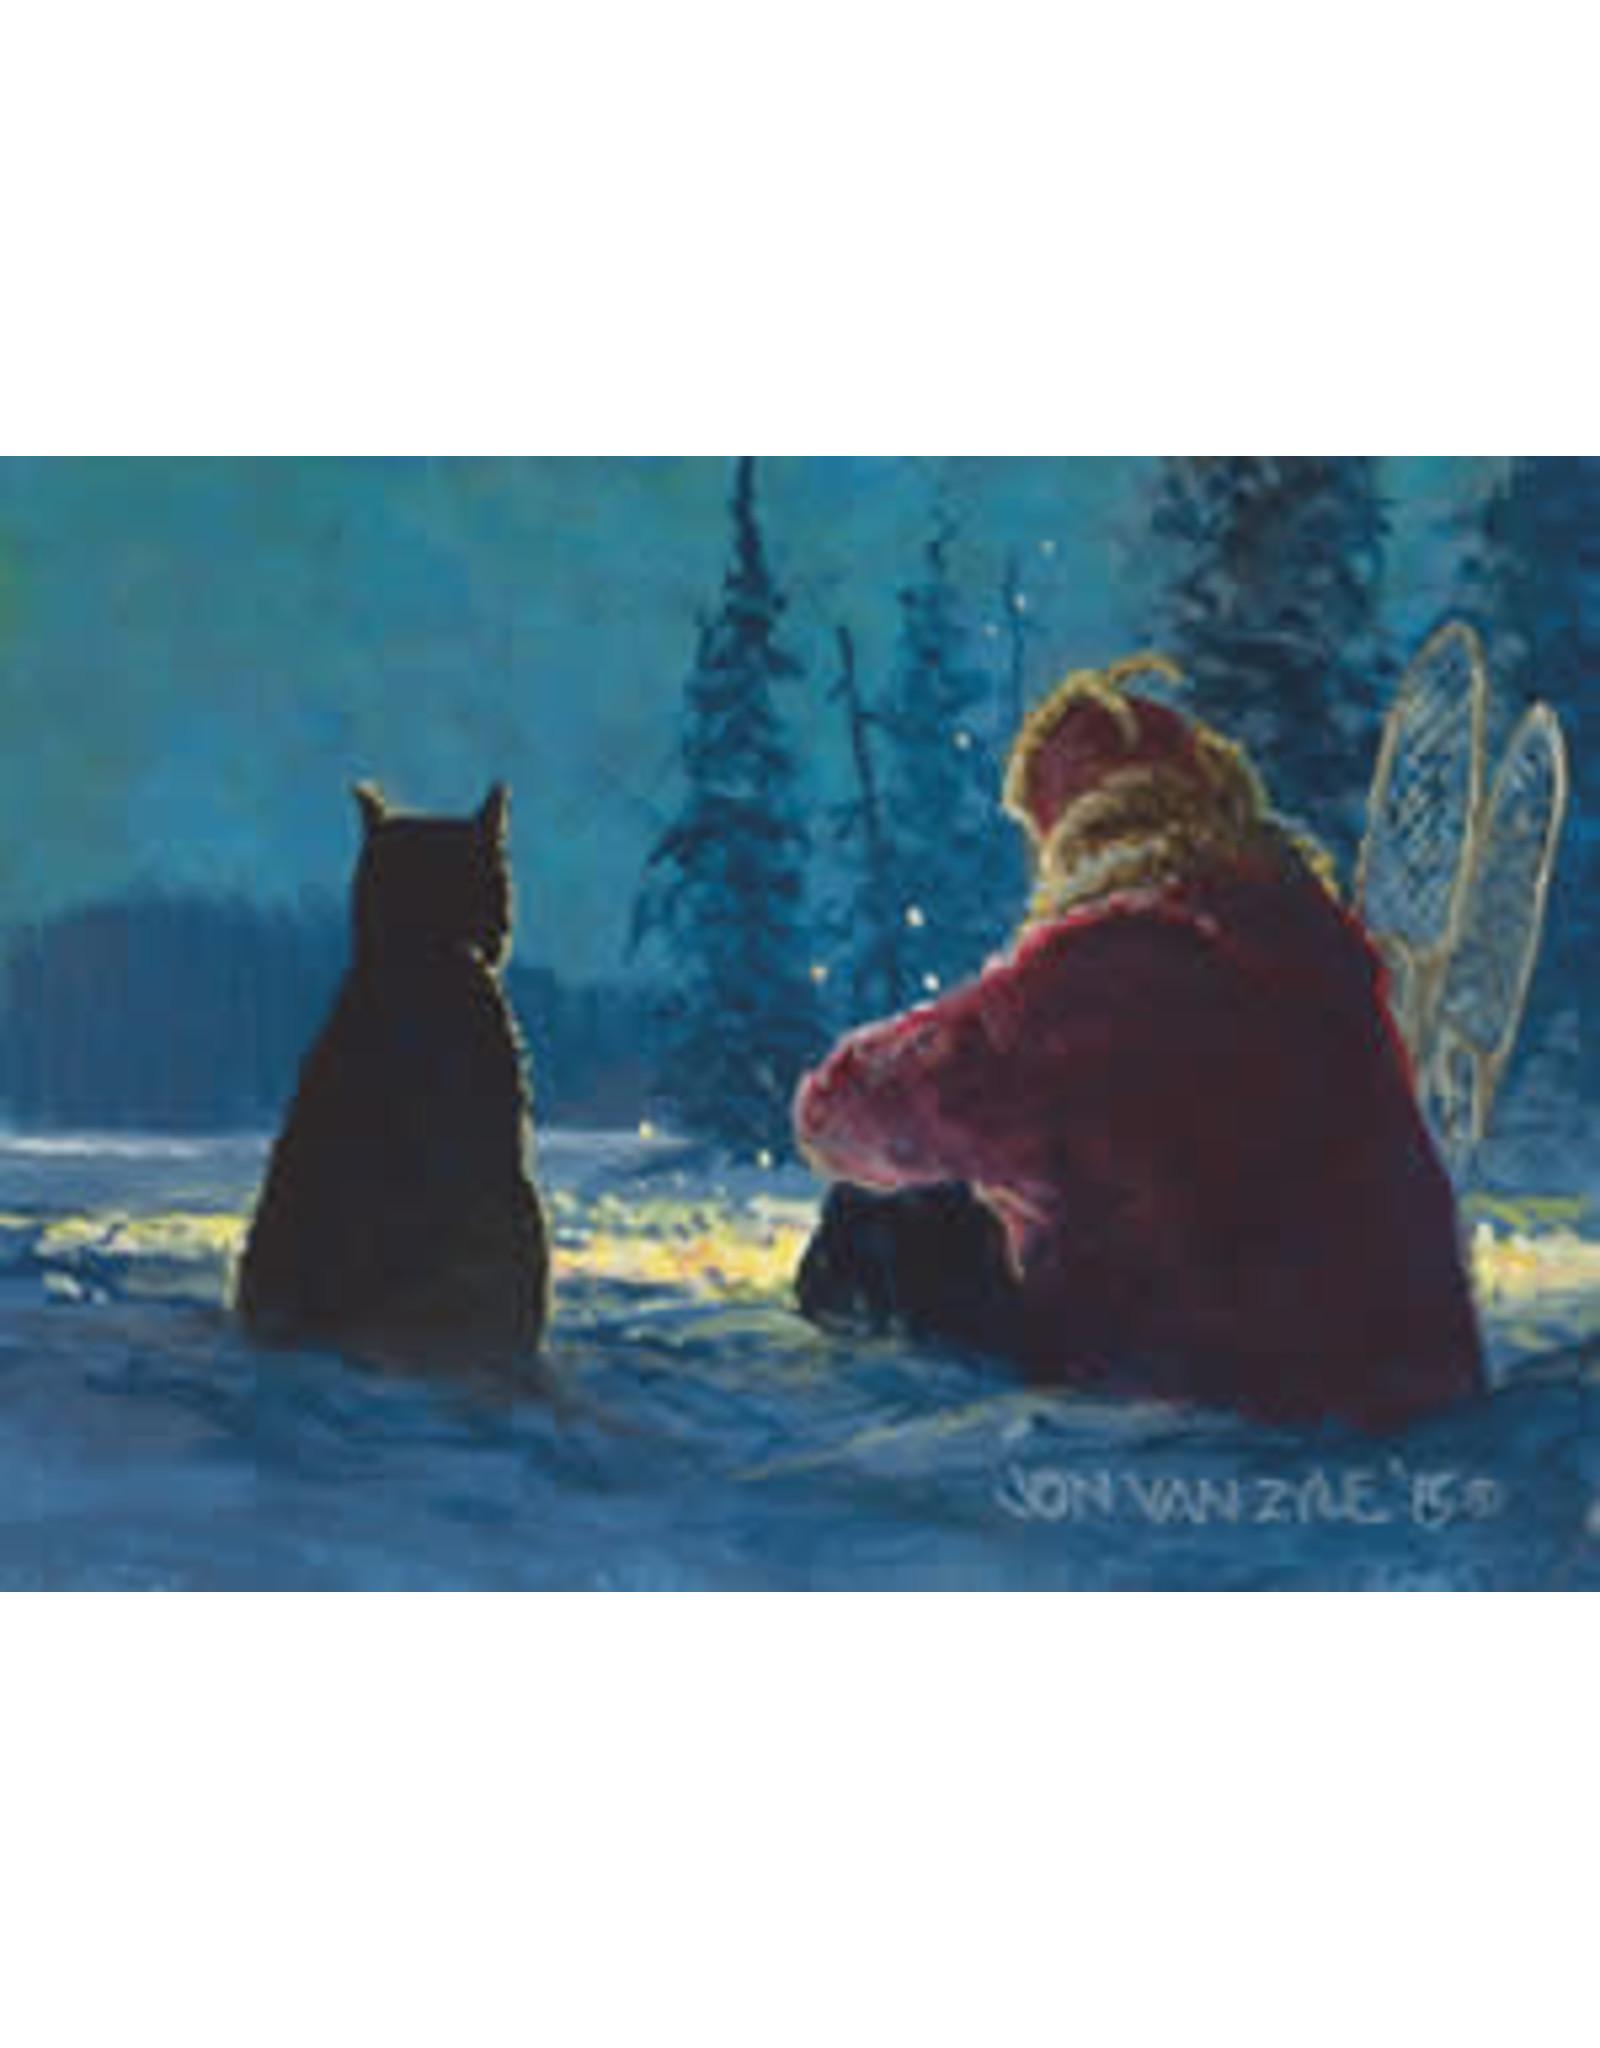 """Jon Van Zyle Jon Van Zyle """"Friends"""" art print"""